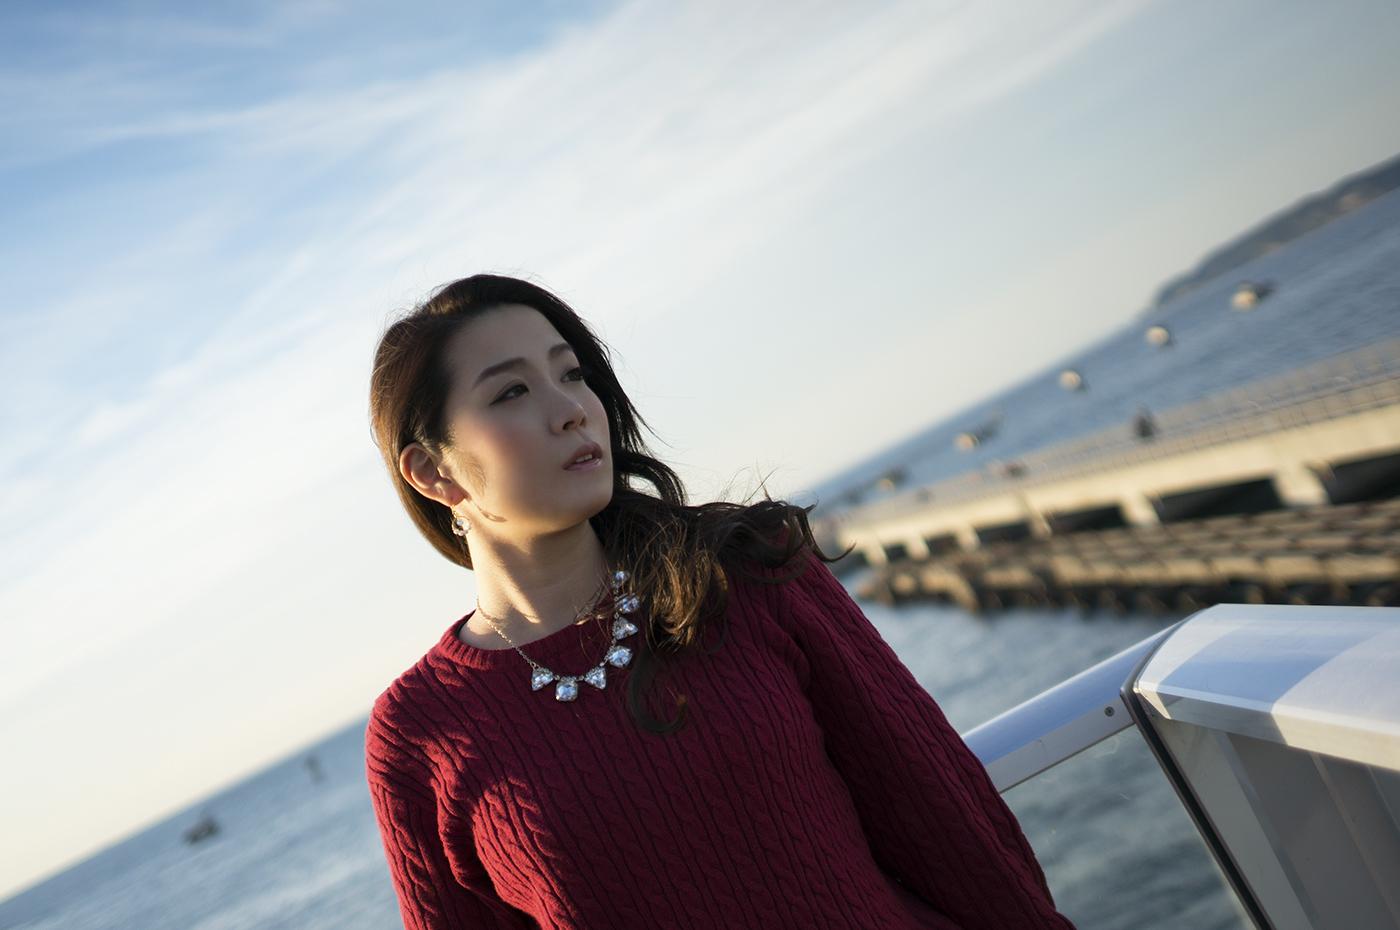 館山夕日桟橋 | 夕日を背に思い耽る